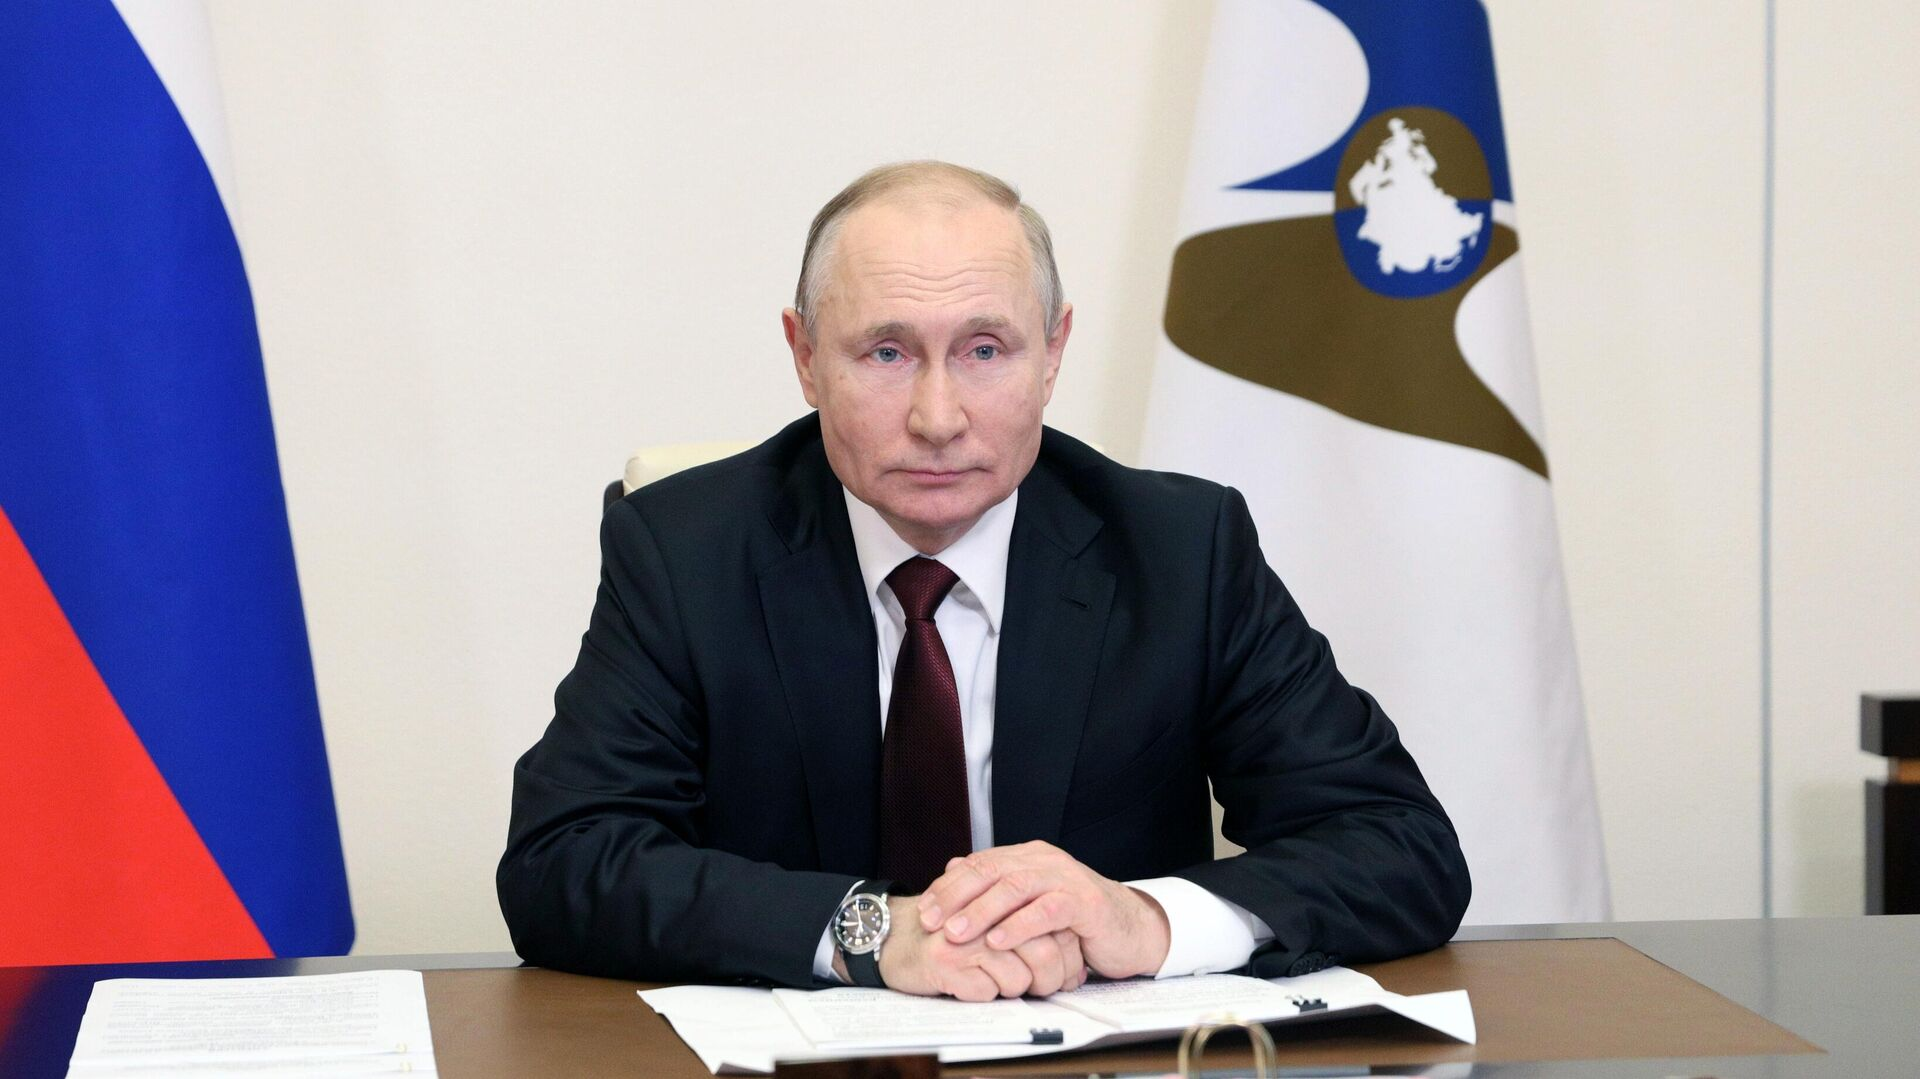 Президент РФ Владимир Путин принимает участие в заседании Высшего Евразийского экономического совета в режиме видеоконференции - РИА Новости, 1920, 22.05.2021